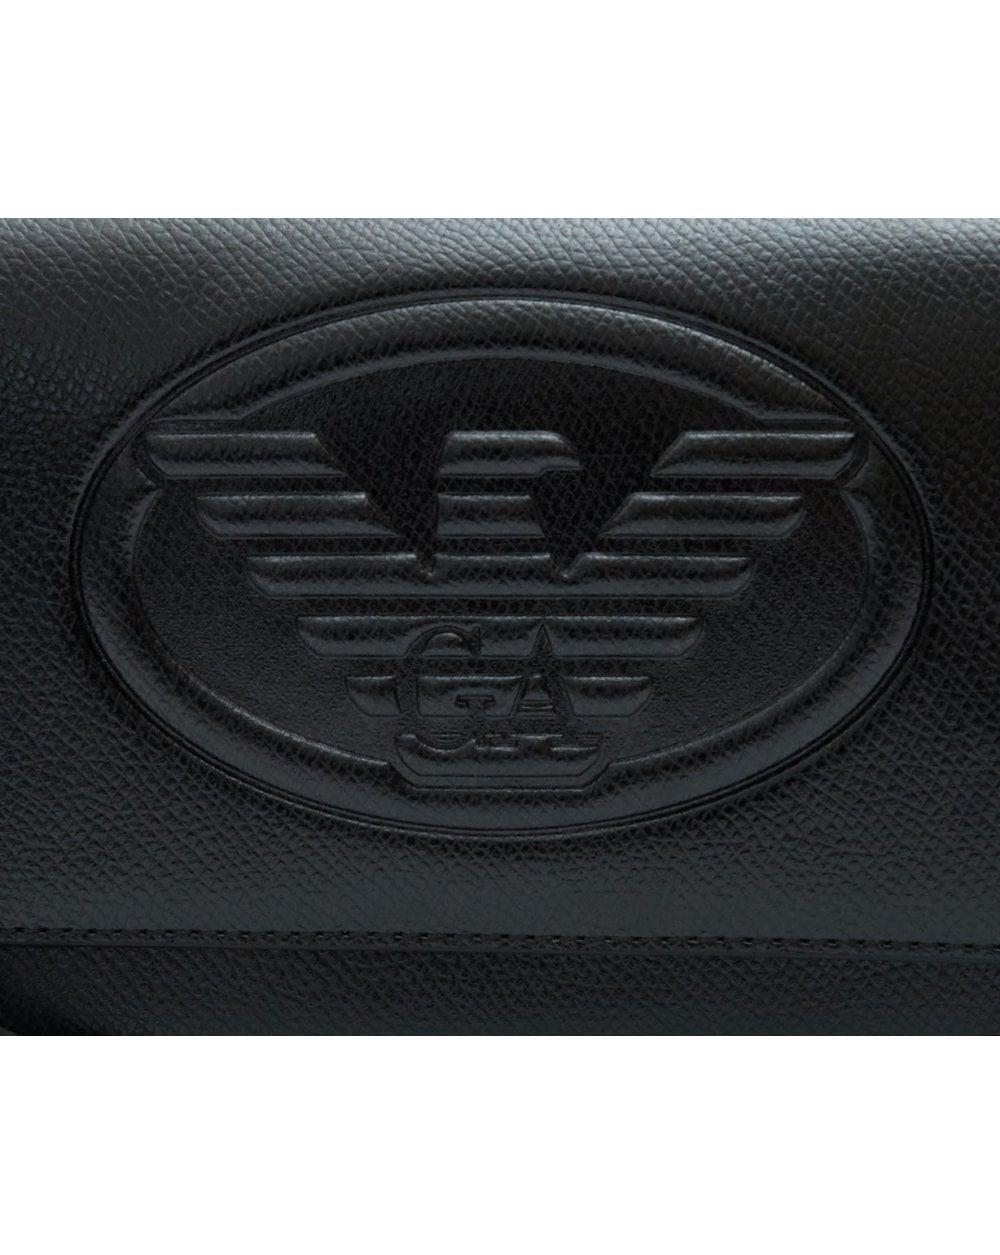 2da46ad4ff Lyst - Emporio Armani Eagle Logo Cross Body Bag in Black